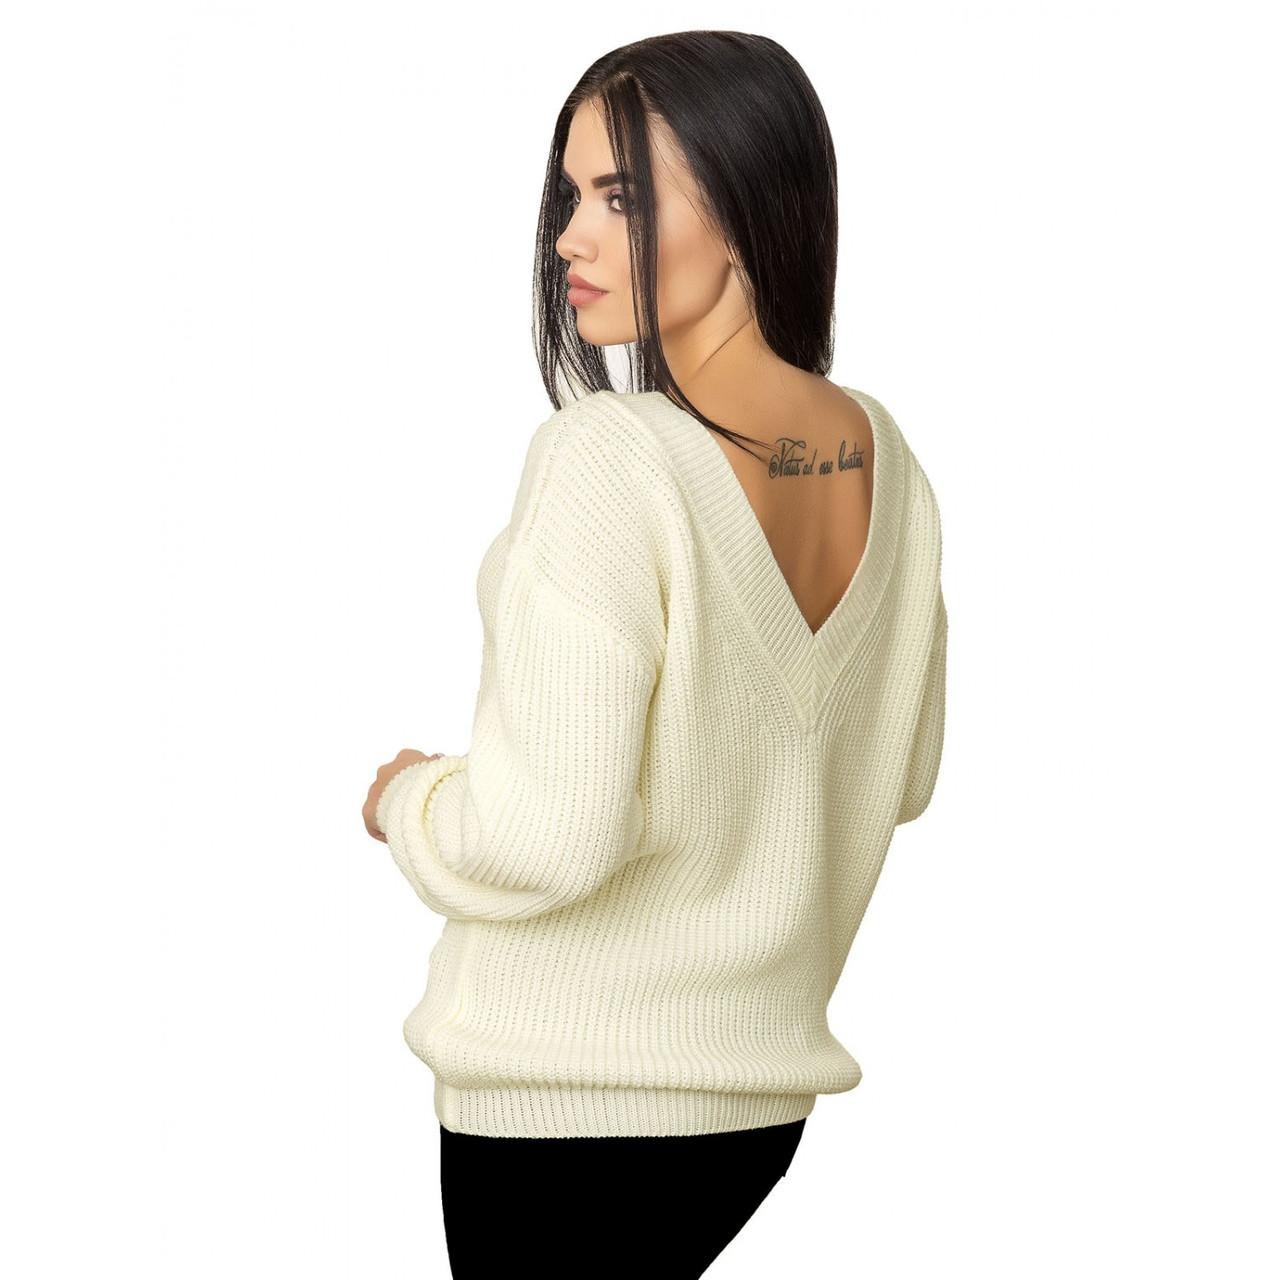 Модный женский свитер крупная вязка белый 46-48 размеры